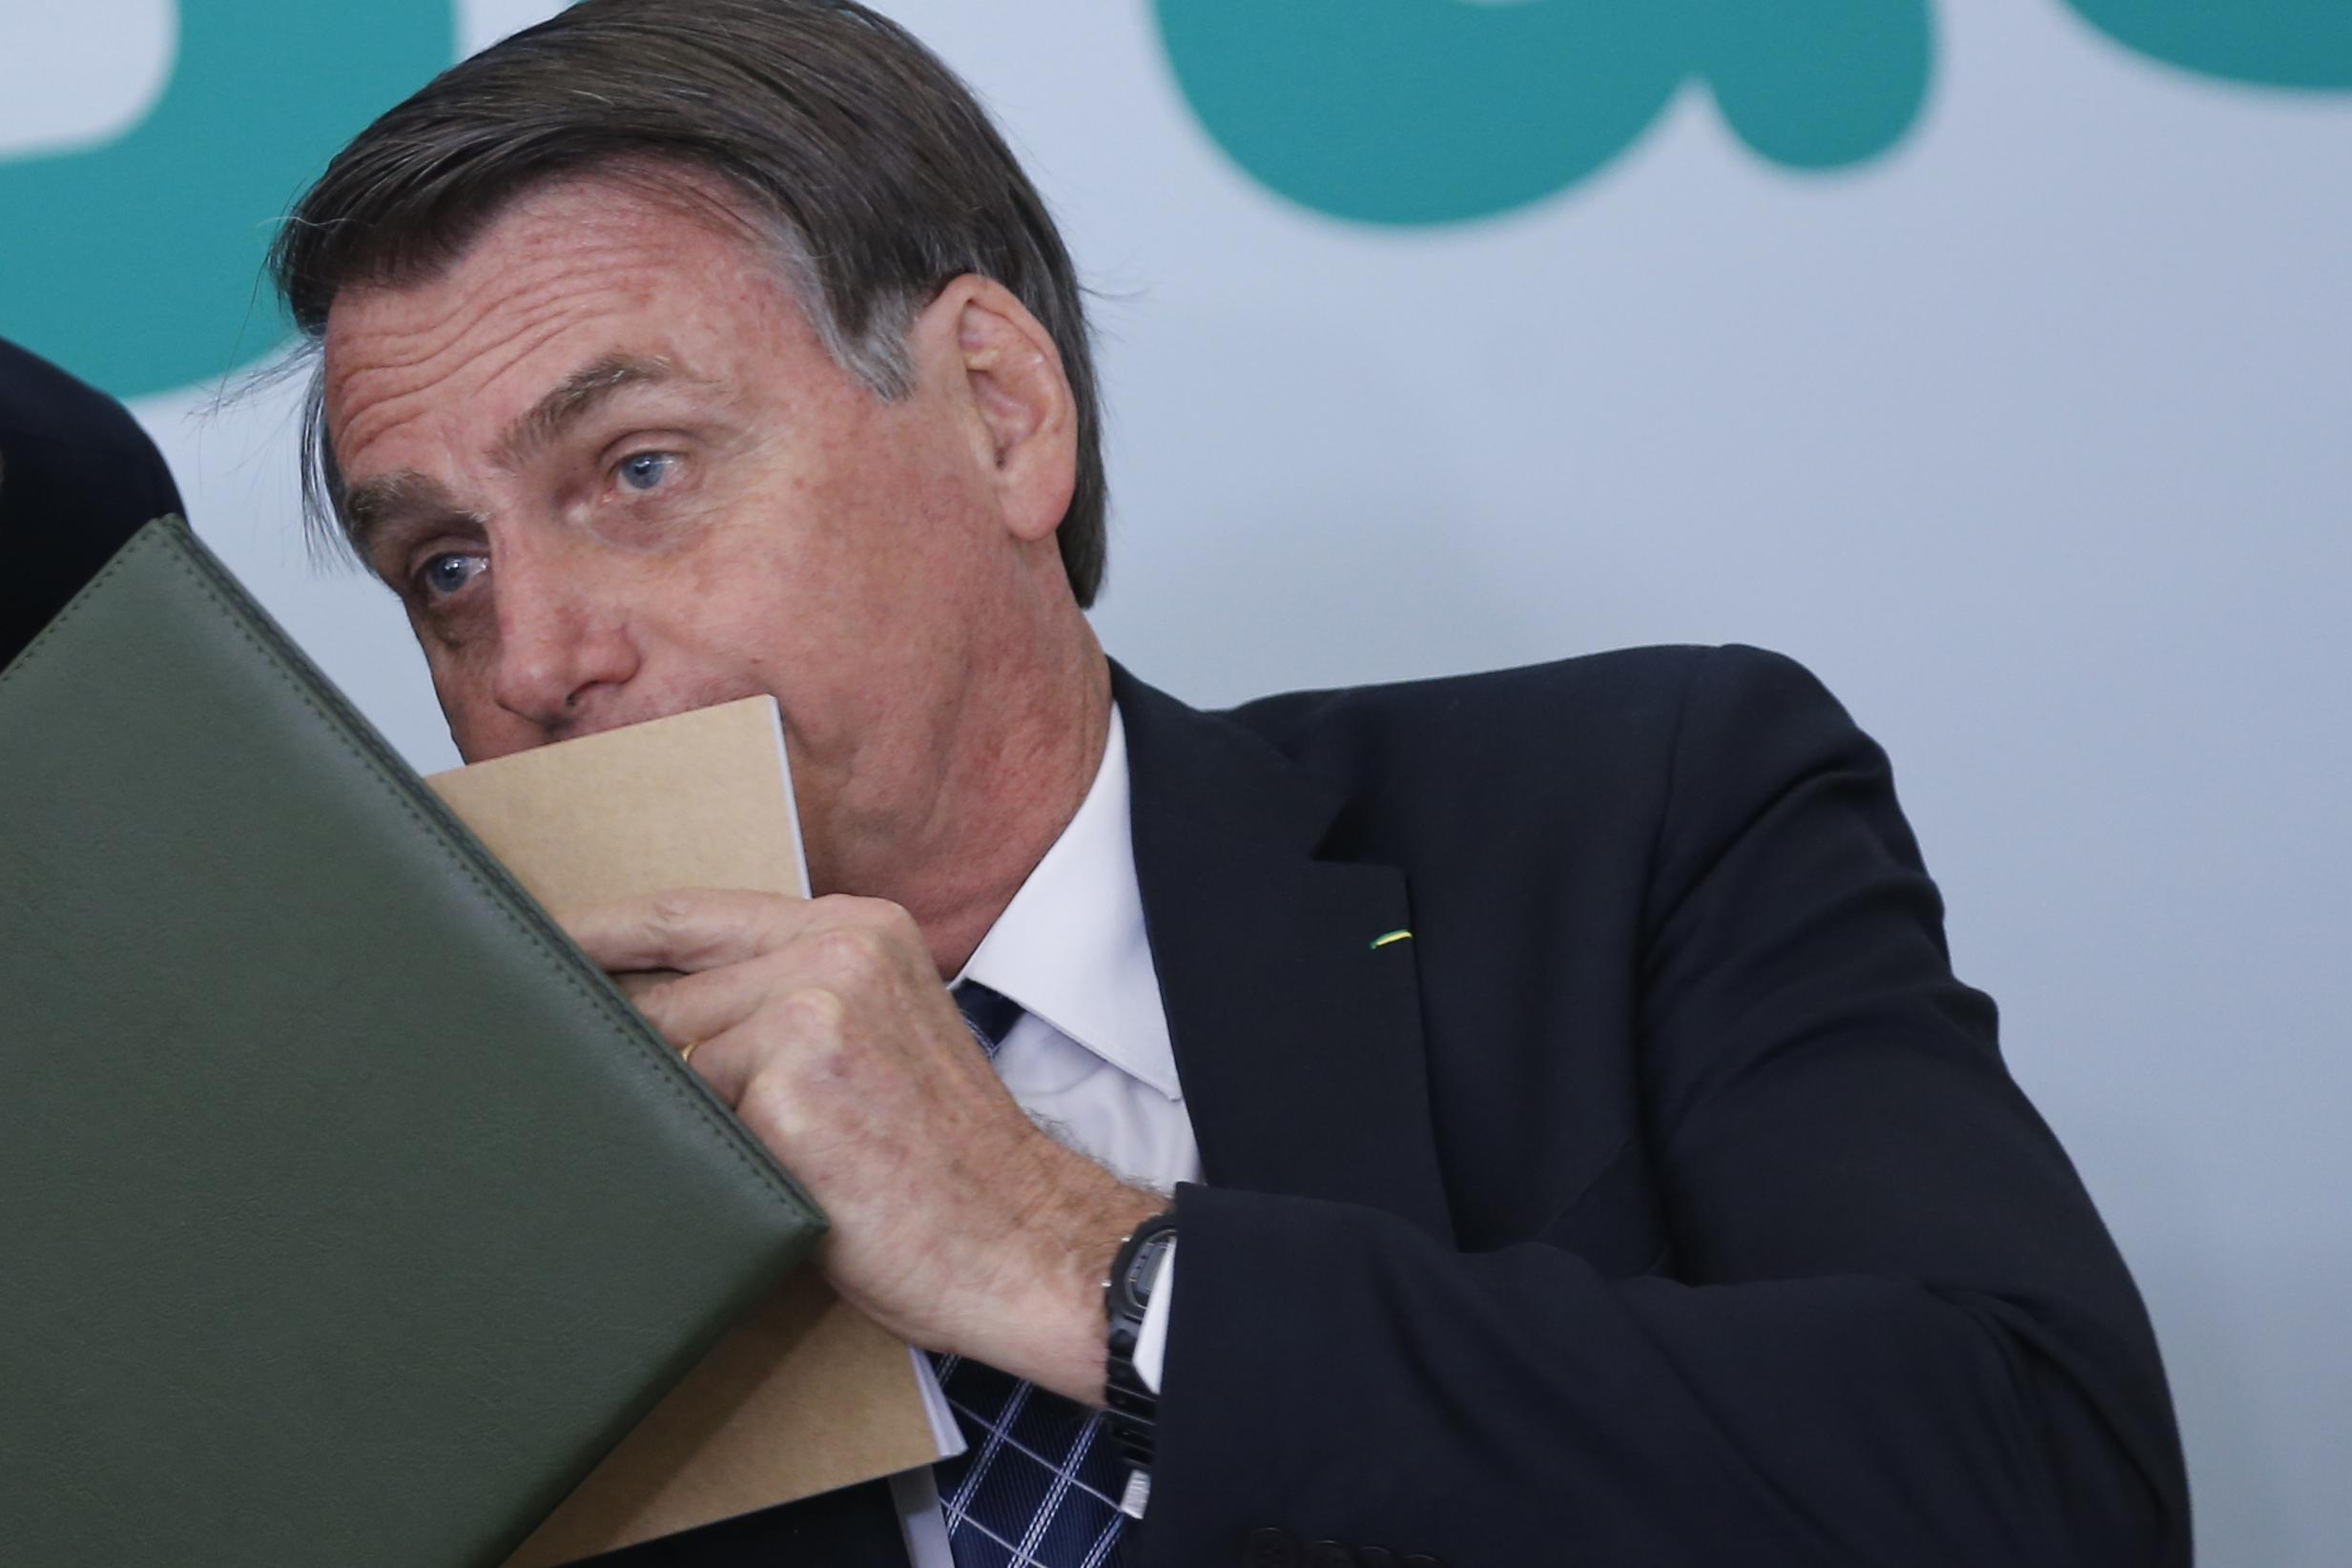 IMAGEM: Bolsonaro: 'Se excesso jornalístico desse cadeia, todos vocês estariam presos'